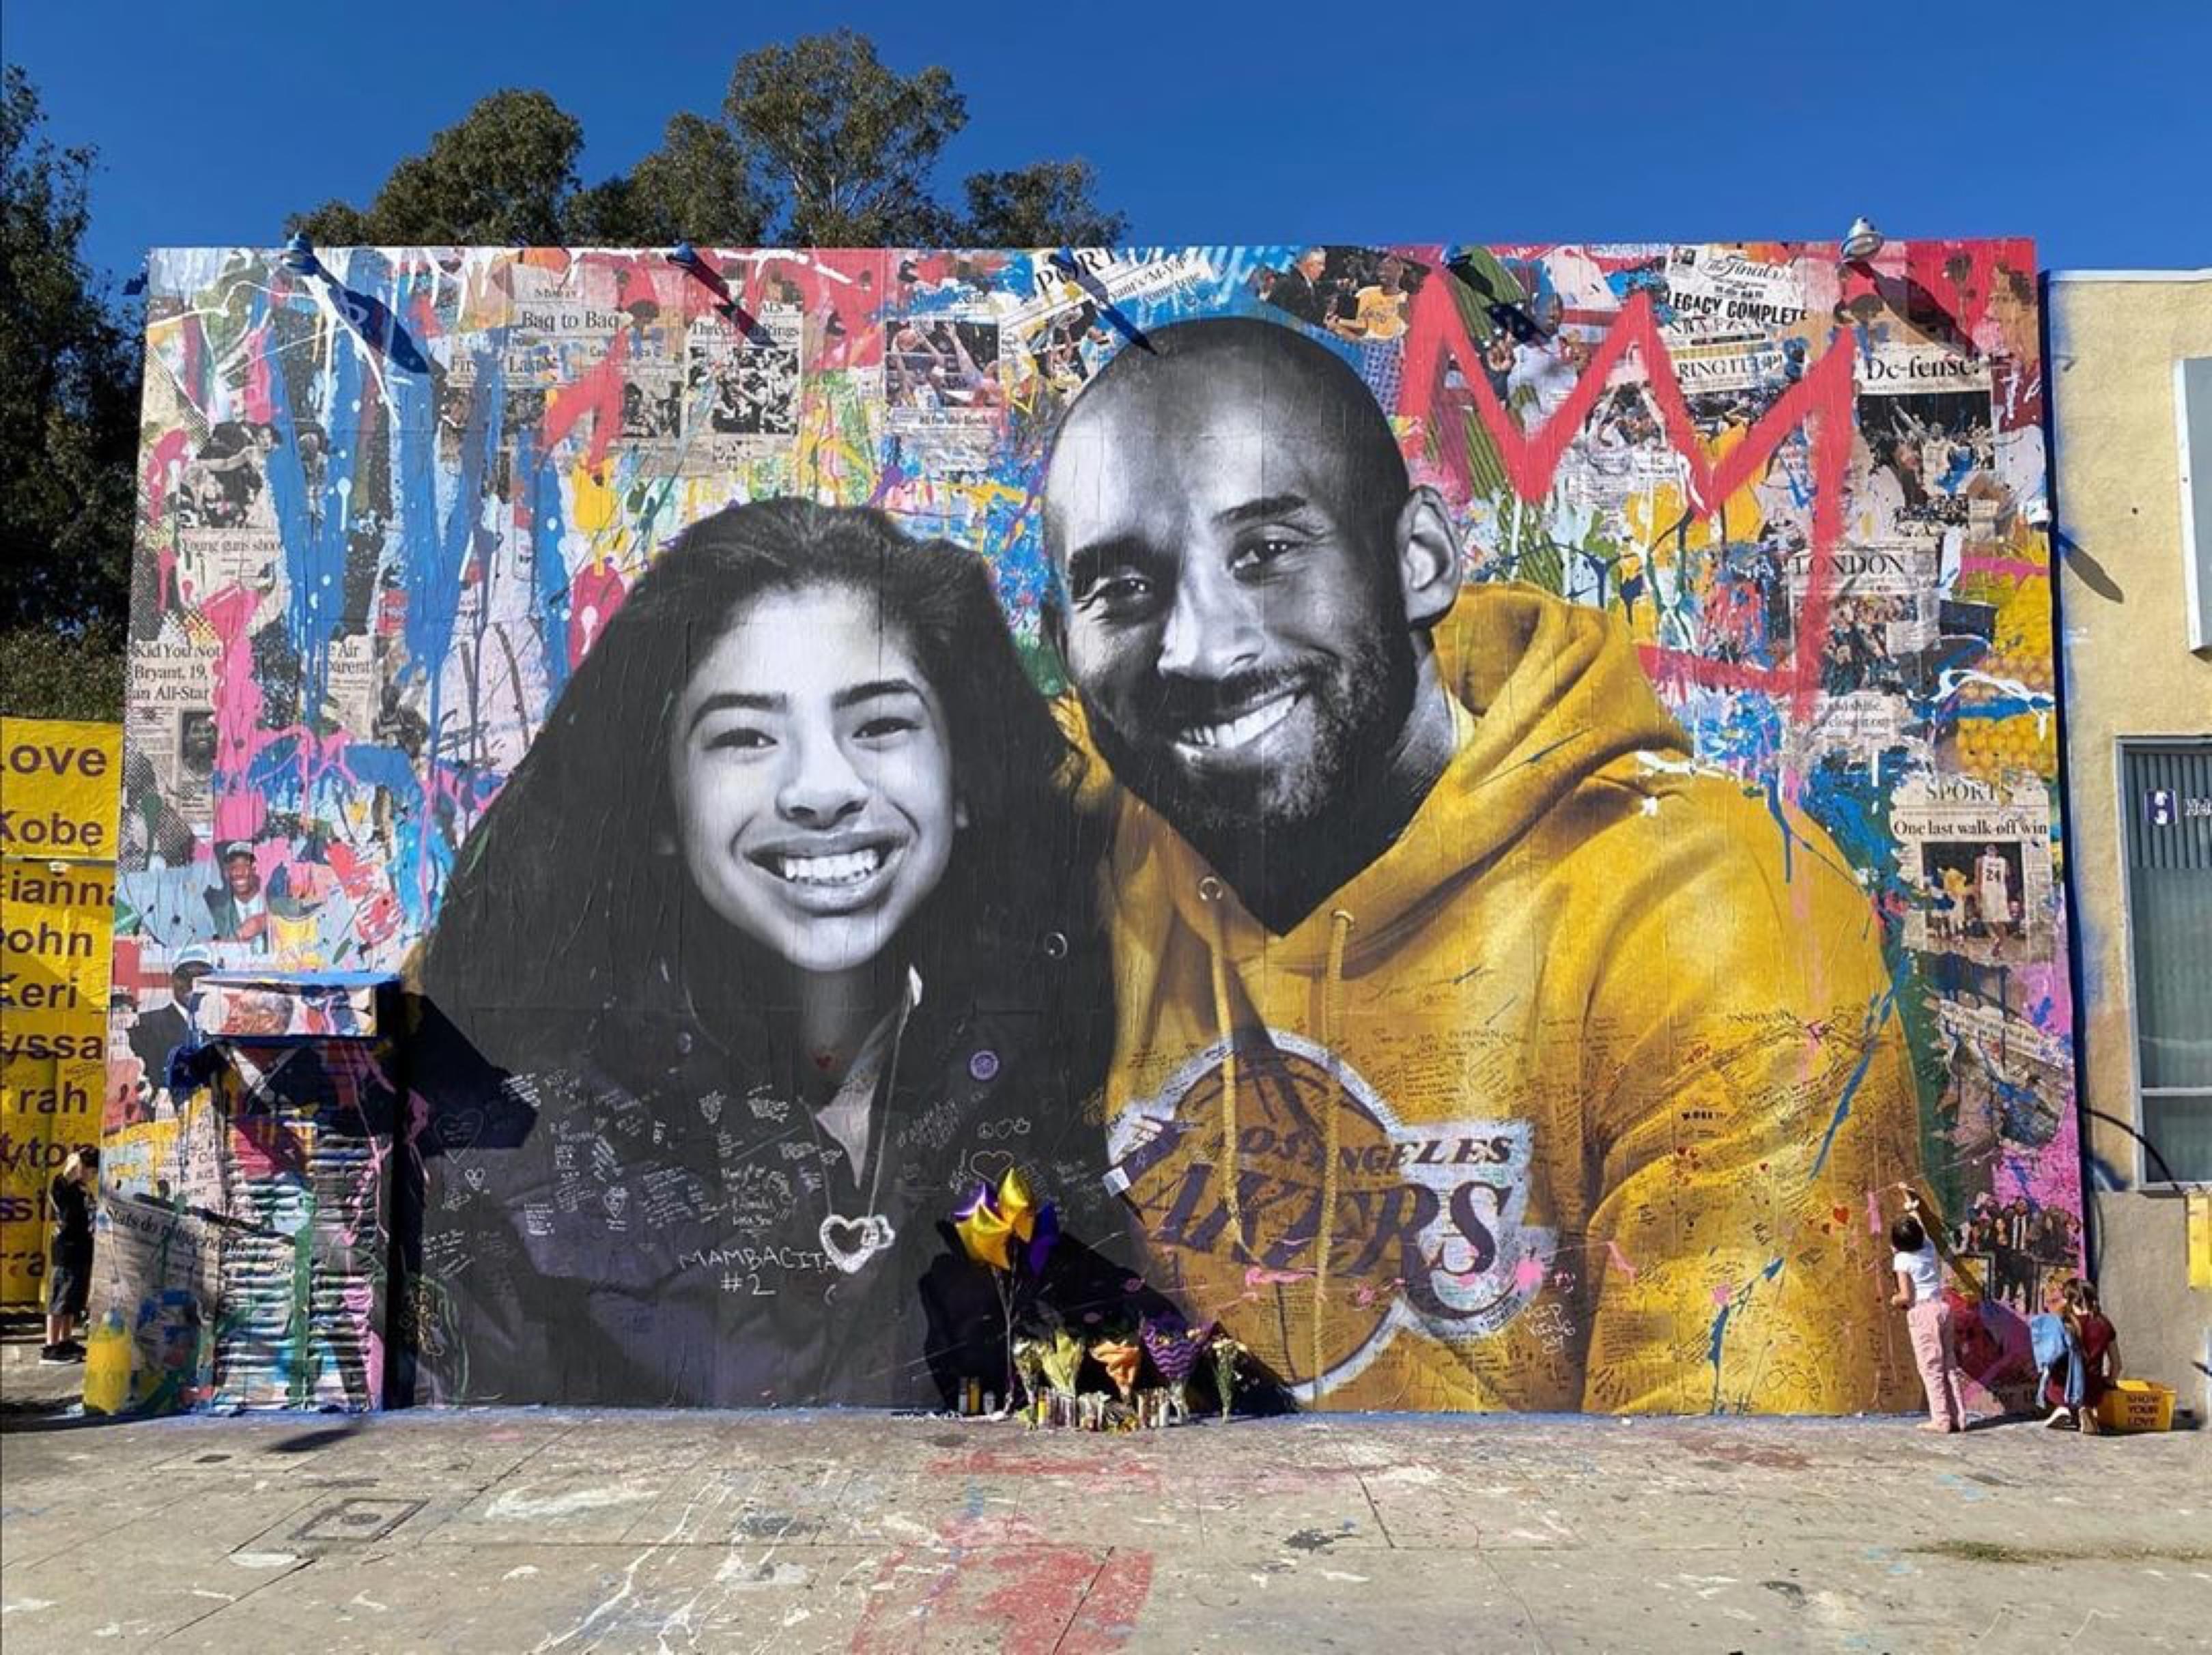 Kobe Bryant's 42nd Birthday Celebrated by Murals, Vanessa & LeBron